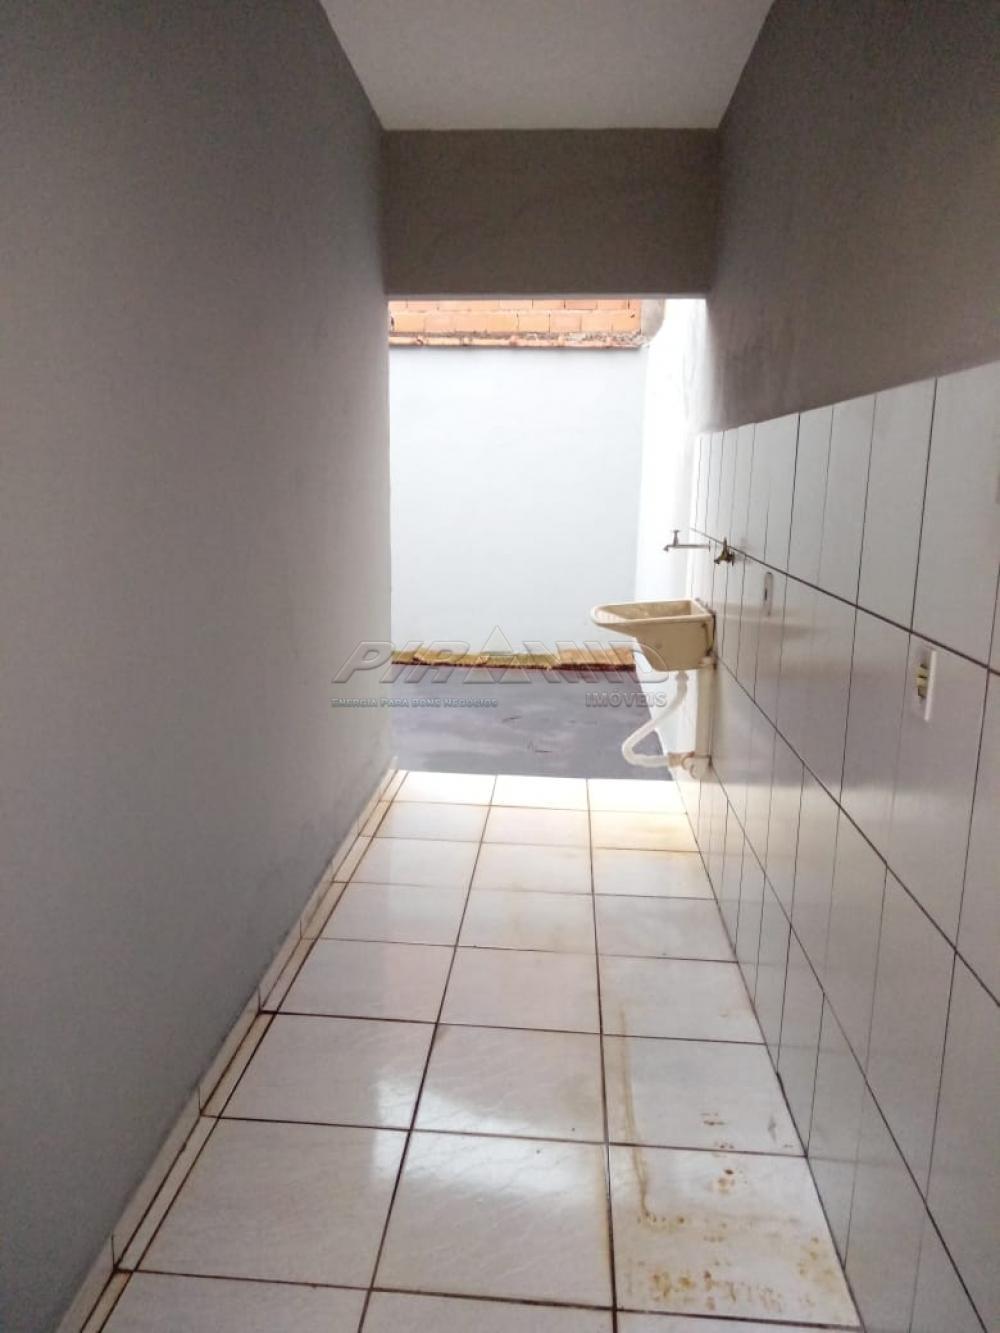 Alugar Casa / Padrão em Ribeirão Preto apenas R$ 780,00 - Foto 8